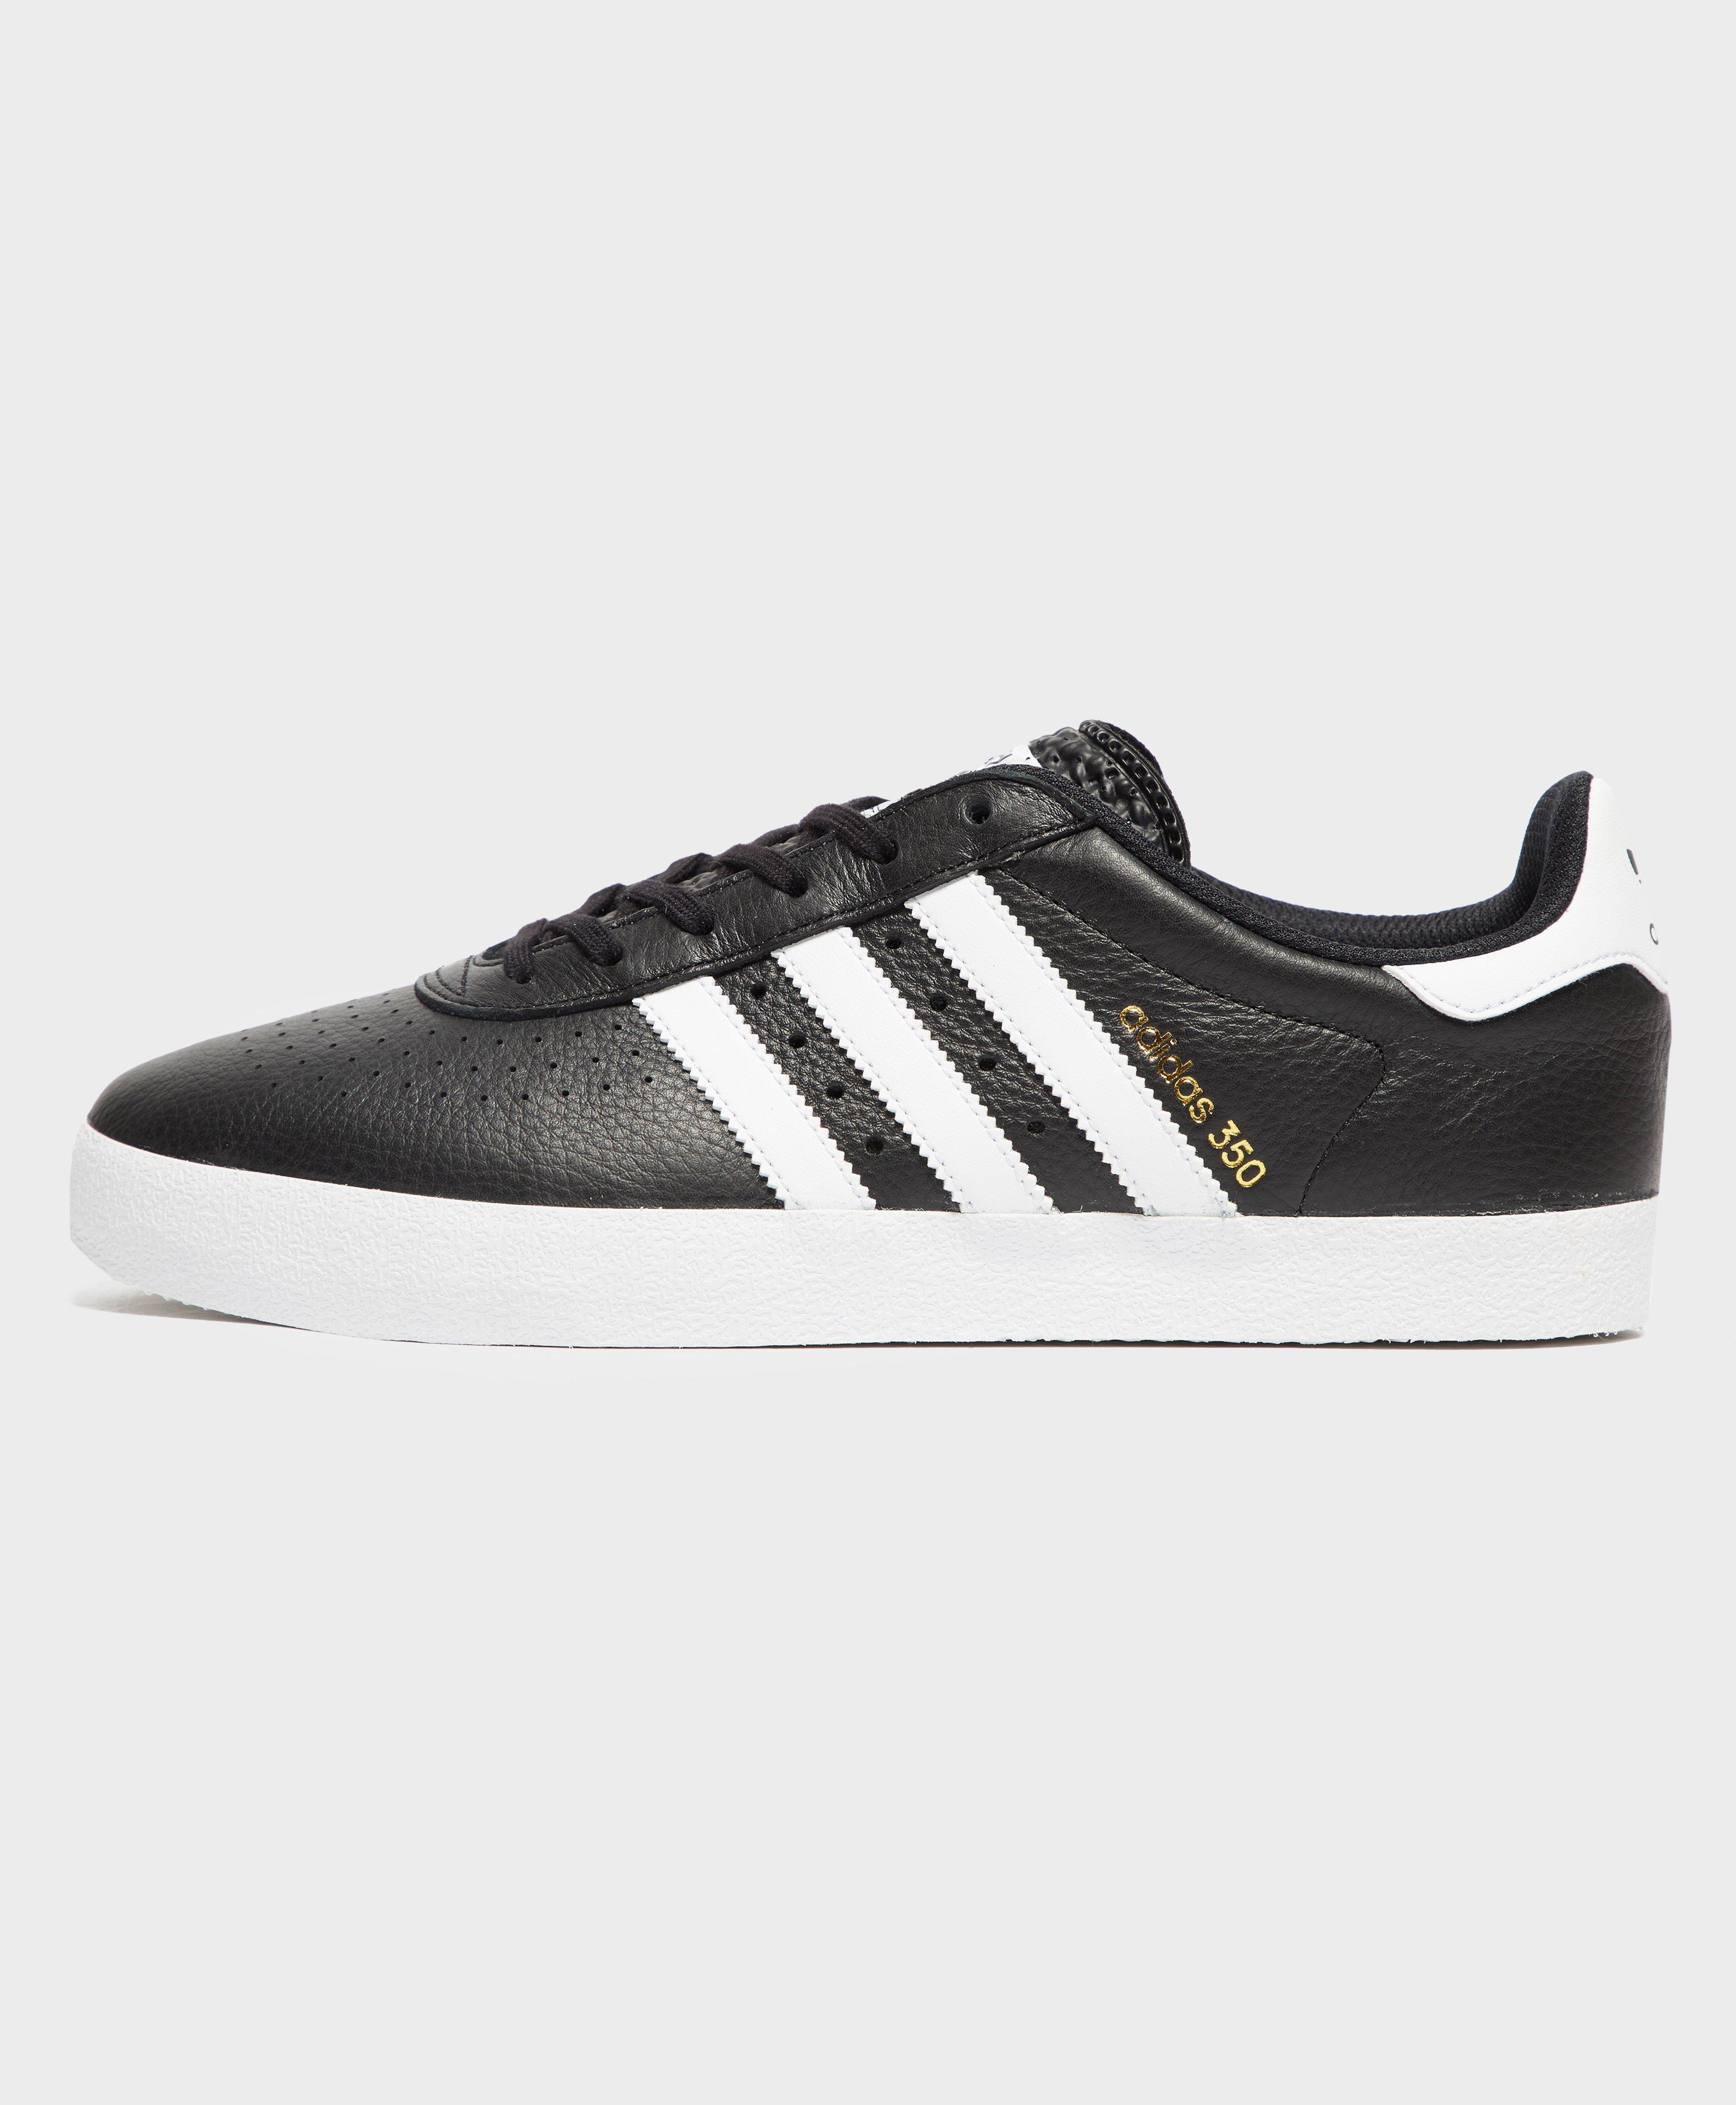 Adidas originali as350 per gli uomini lyst